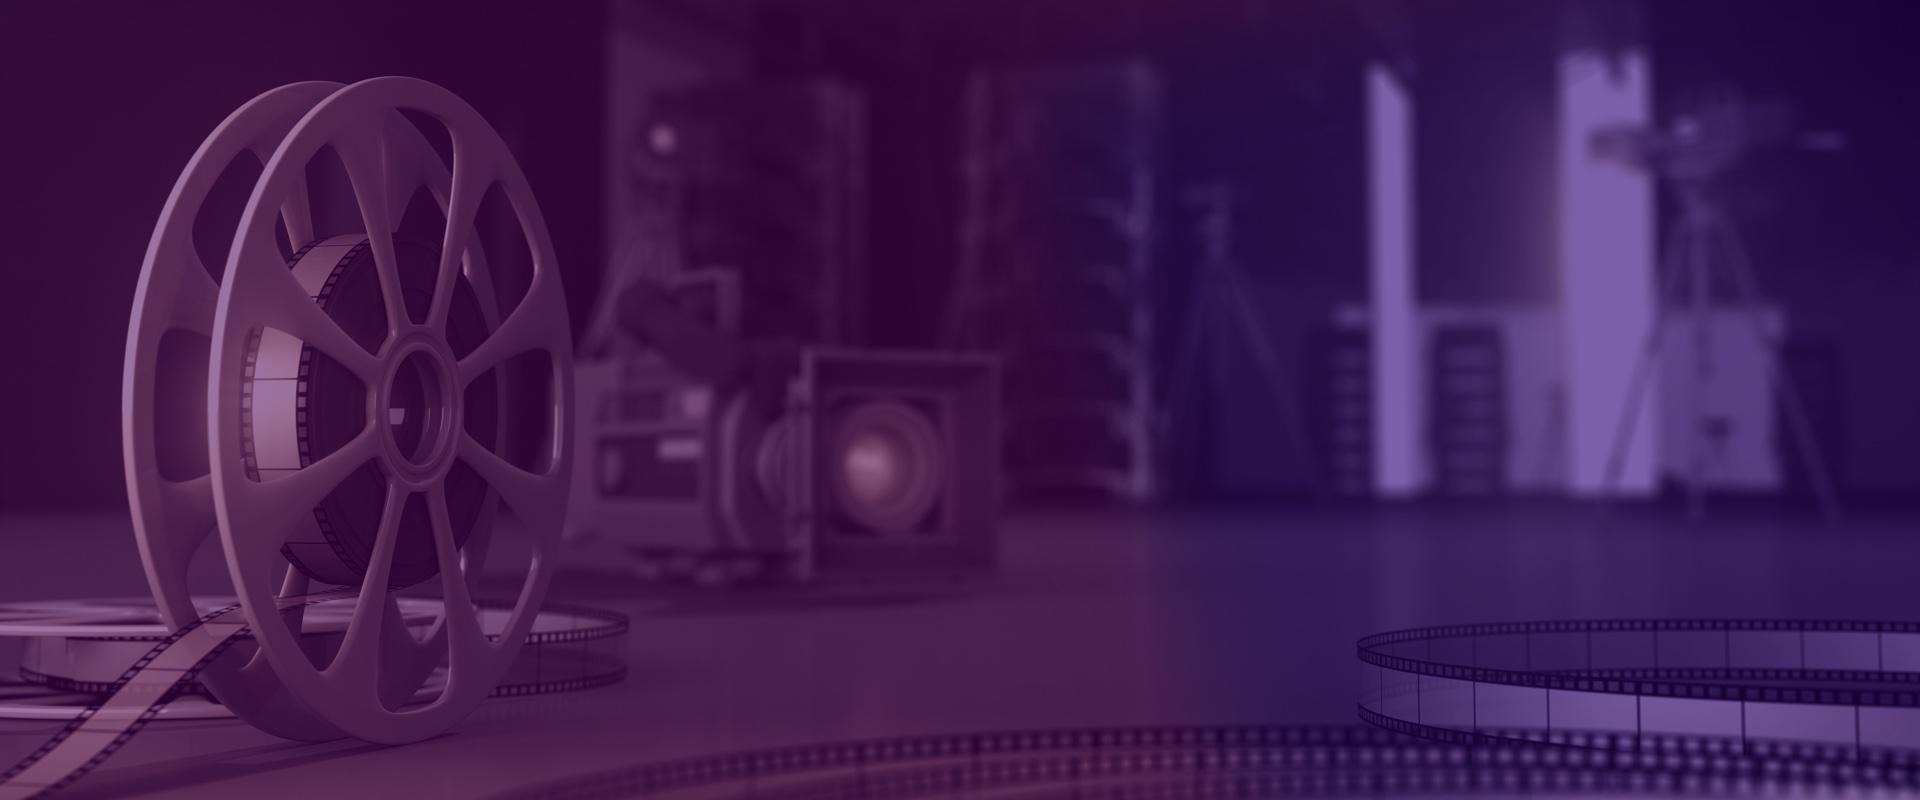 Sector audiovisual, imagen de estudio cinematográfico